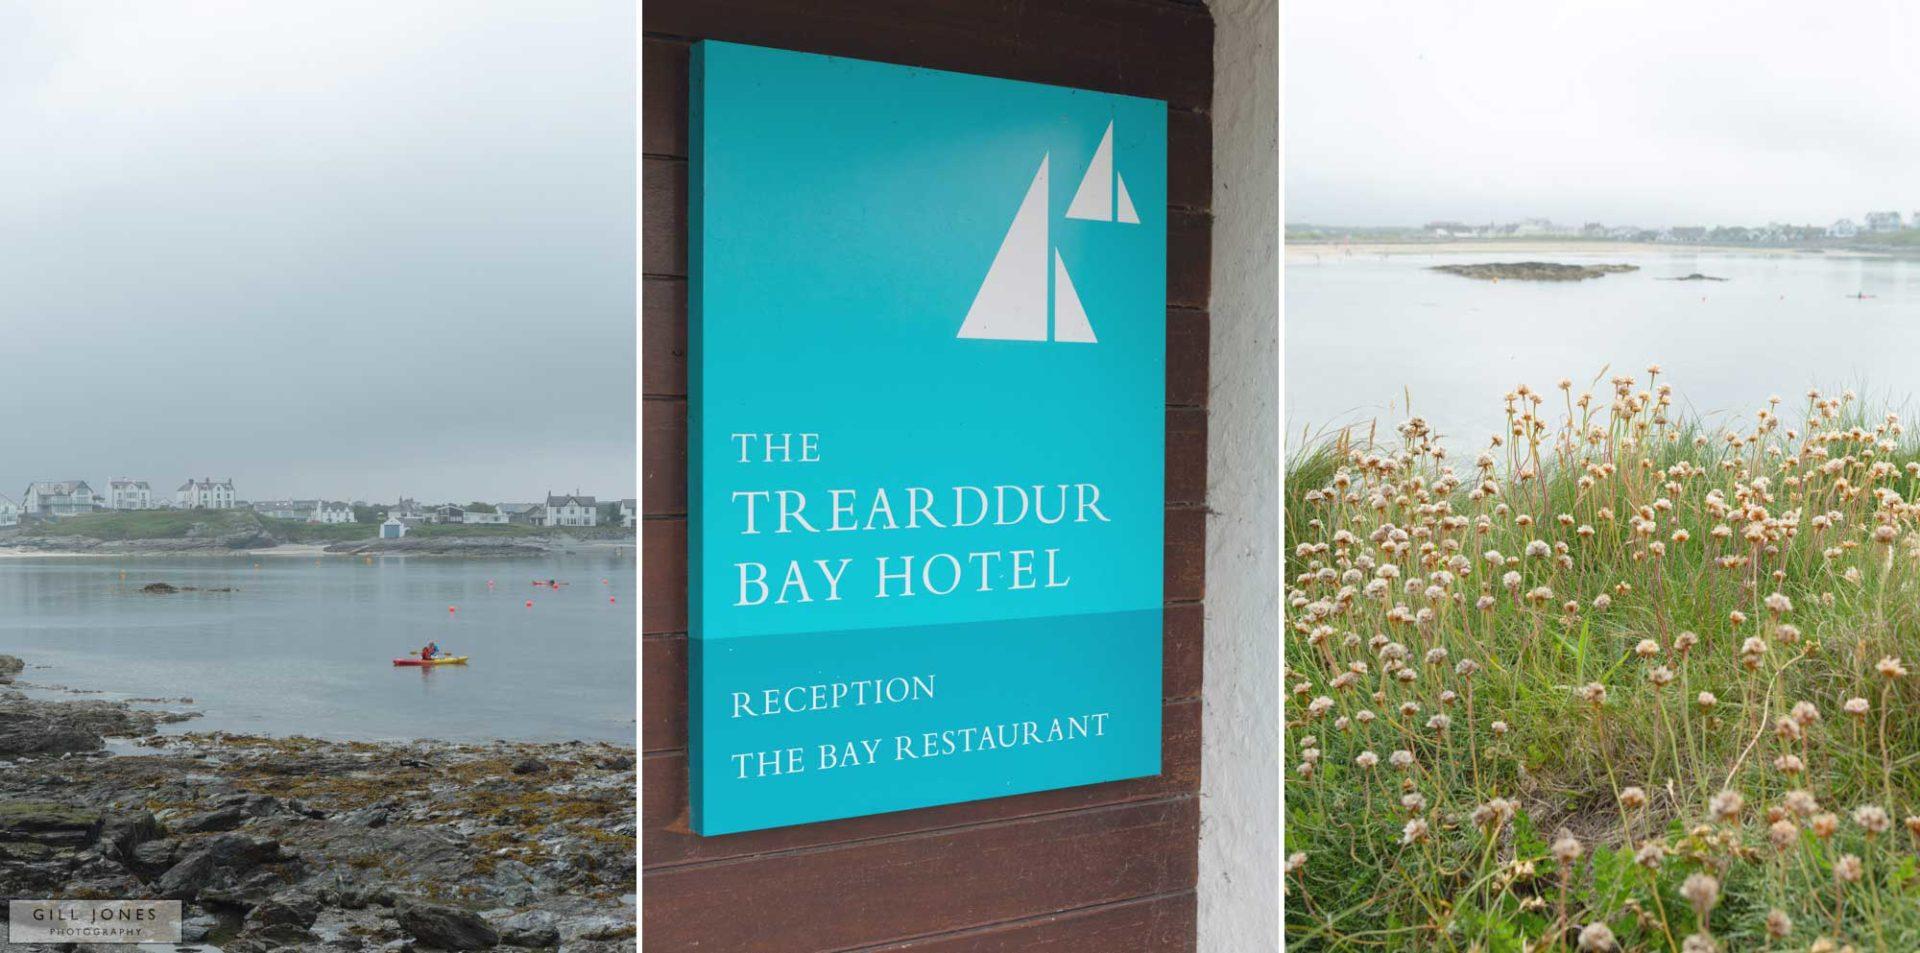 landscape images of trearddur bay